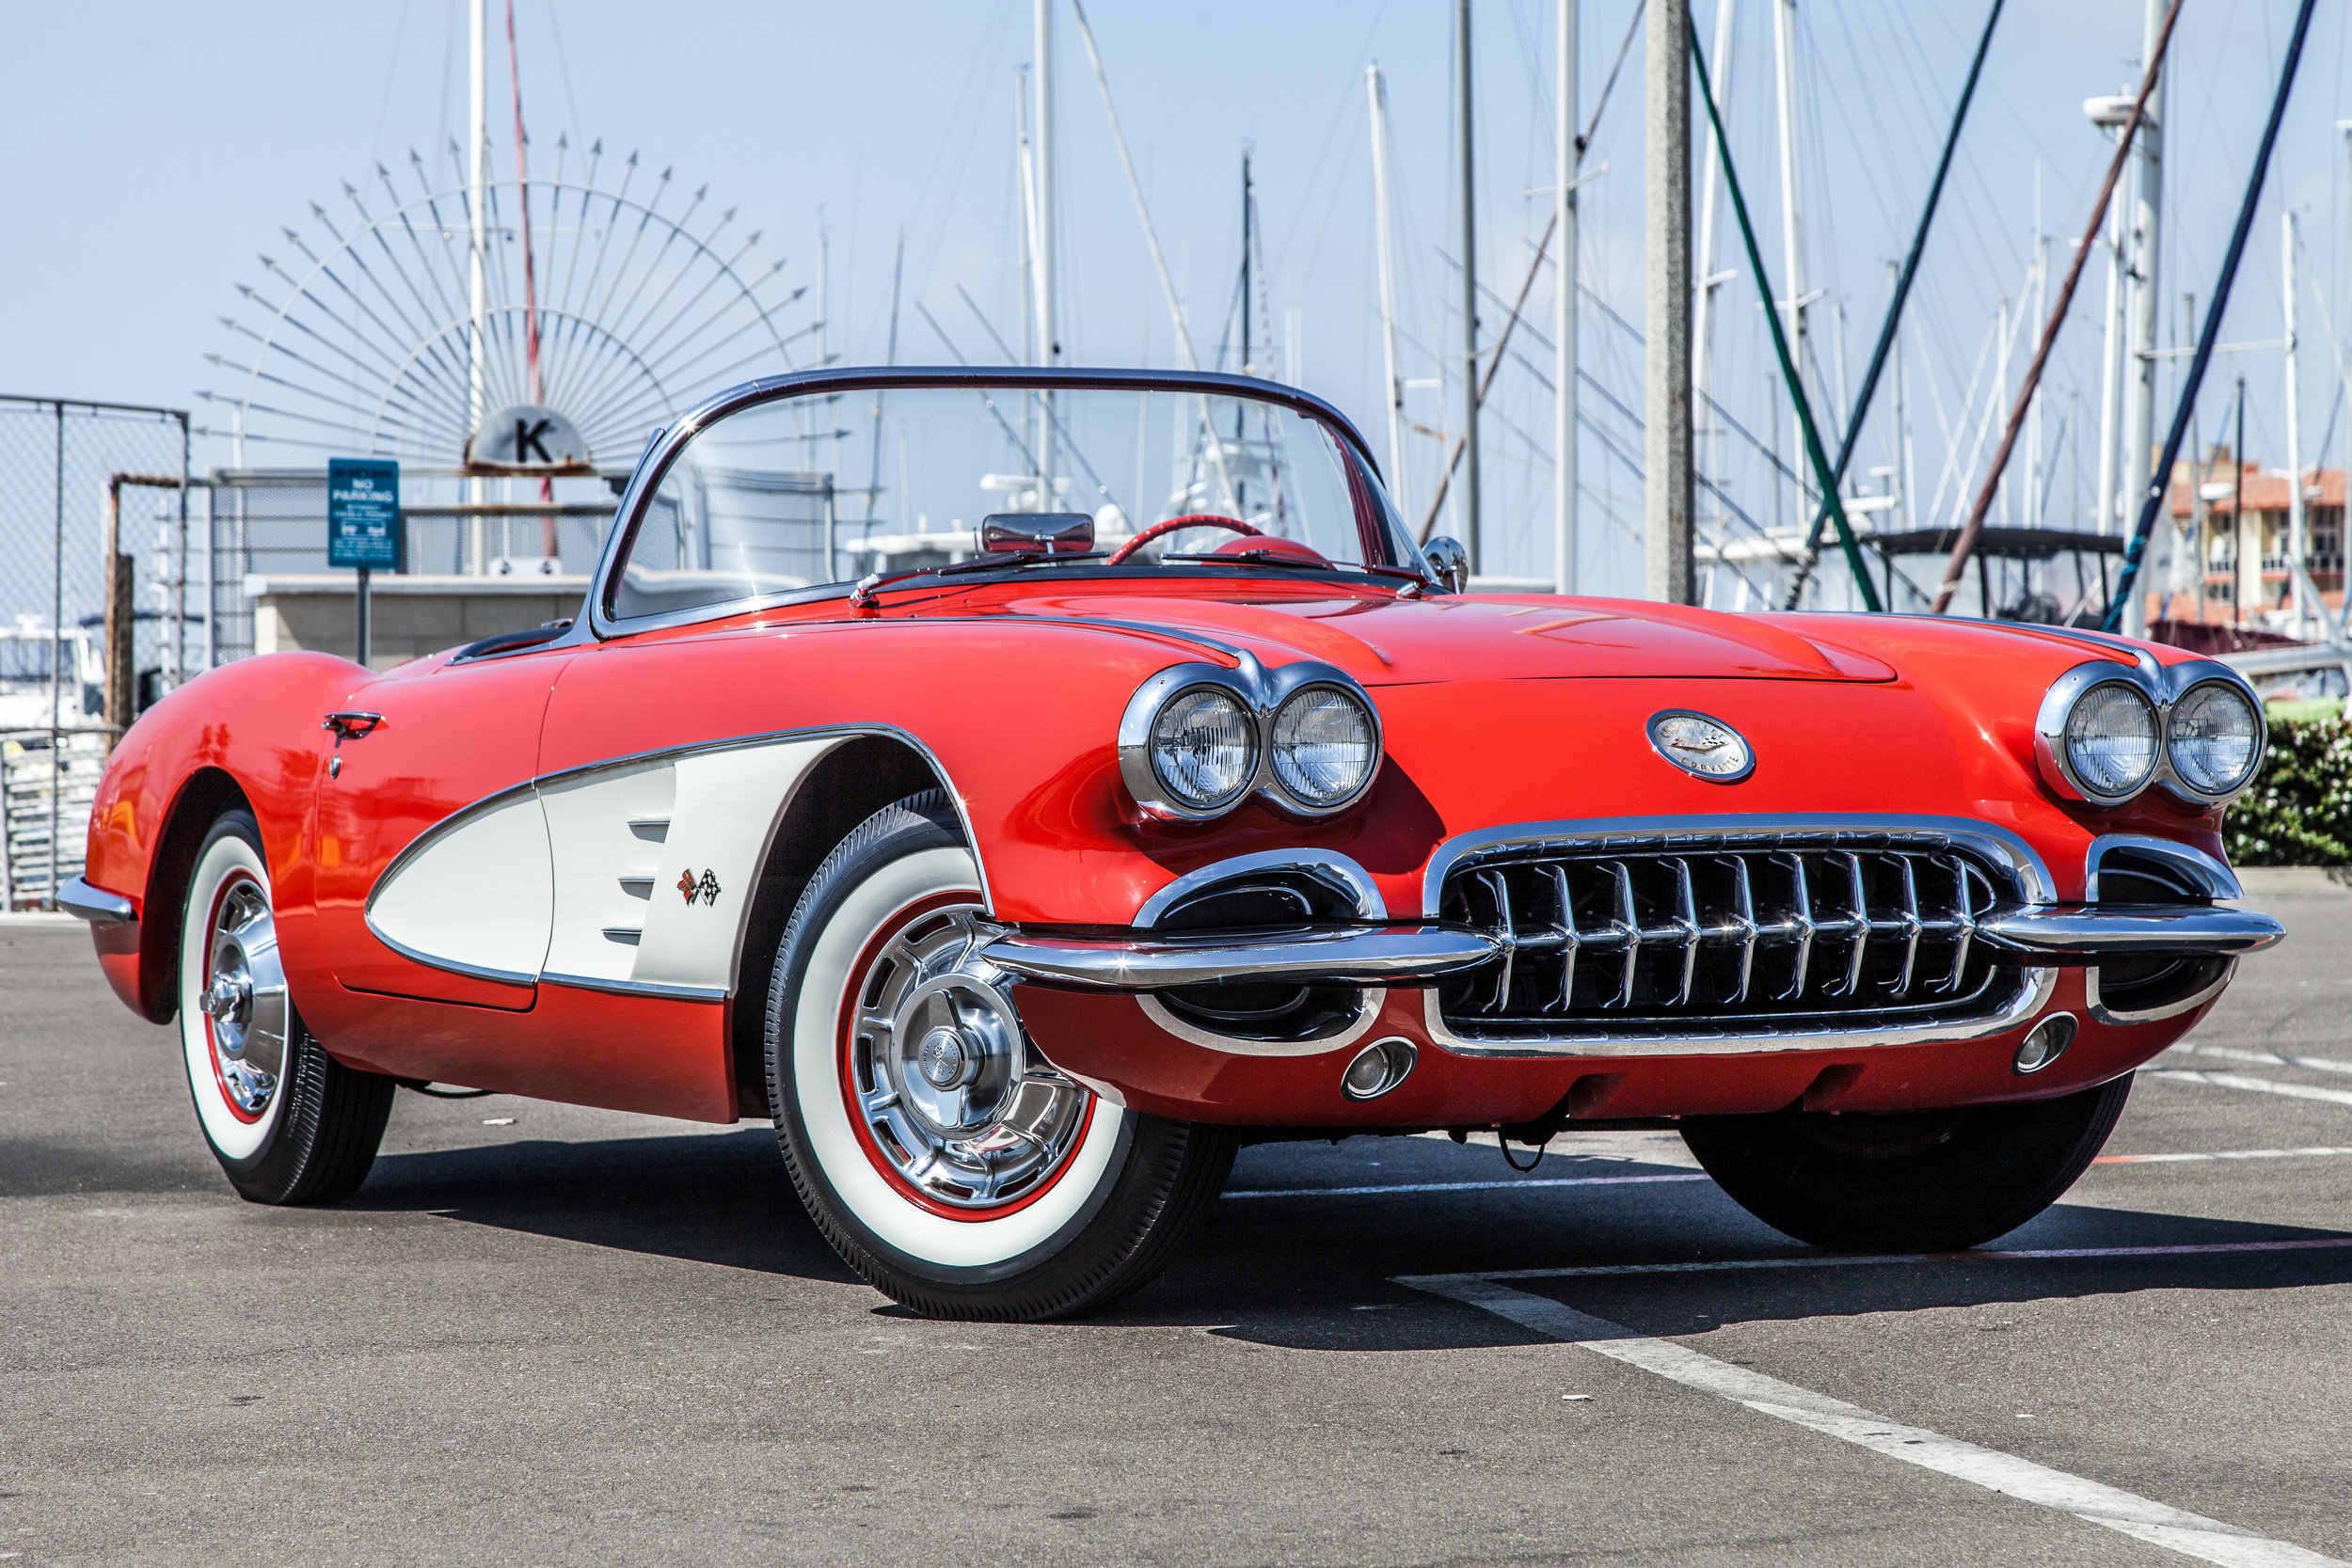 —1960 Chevrolet Corvette—